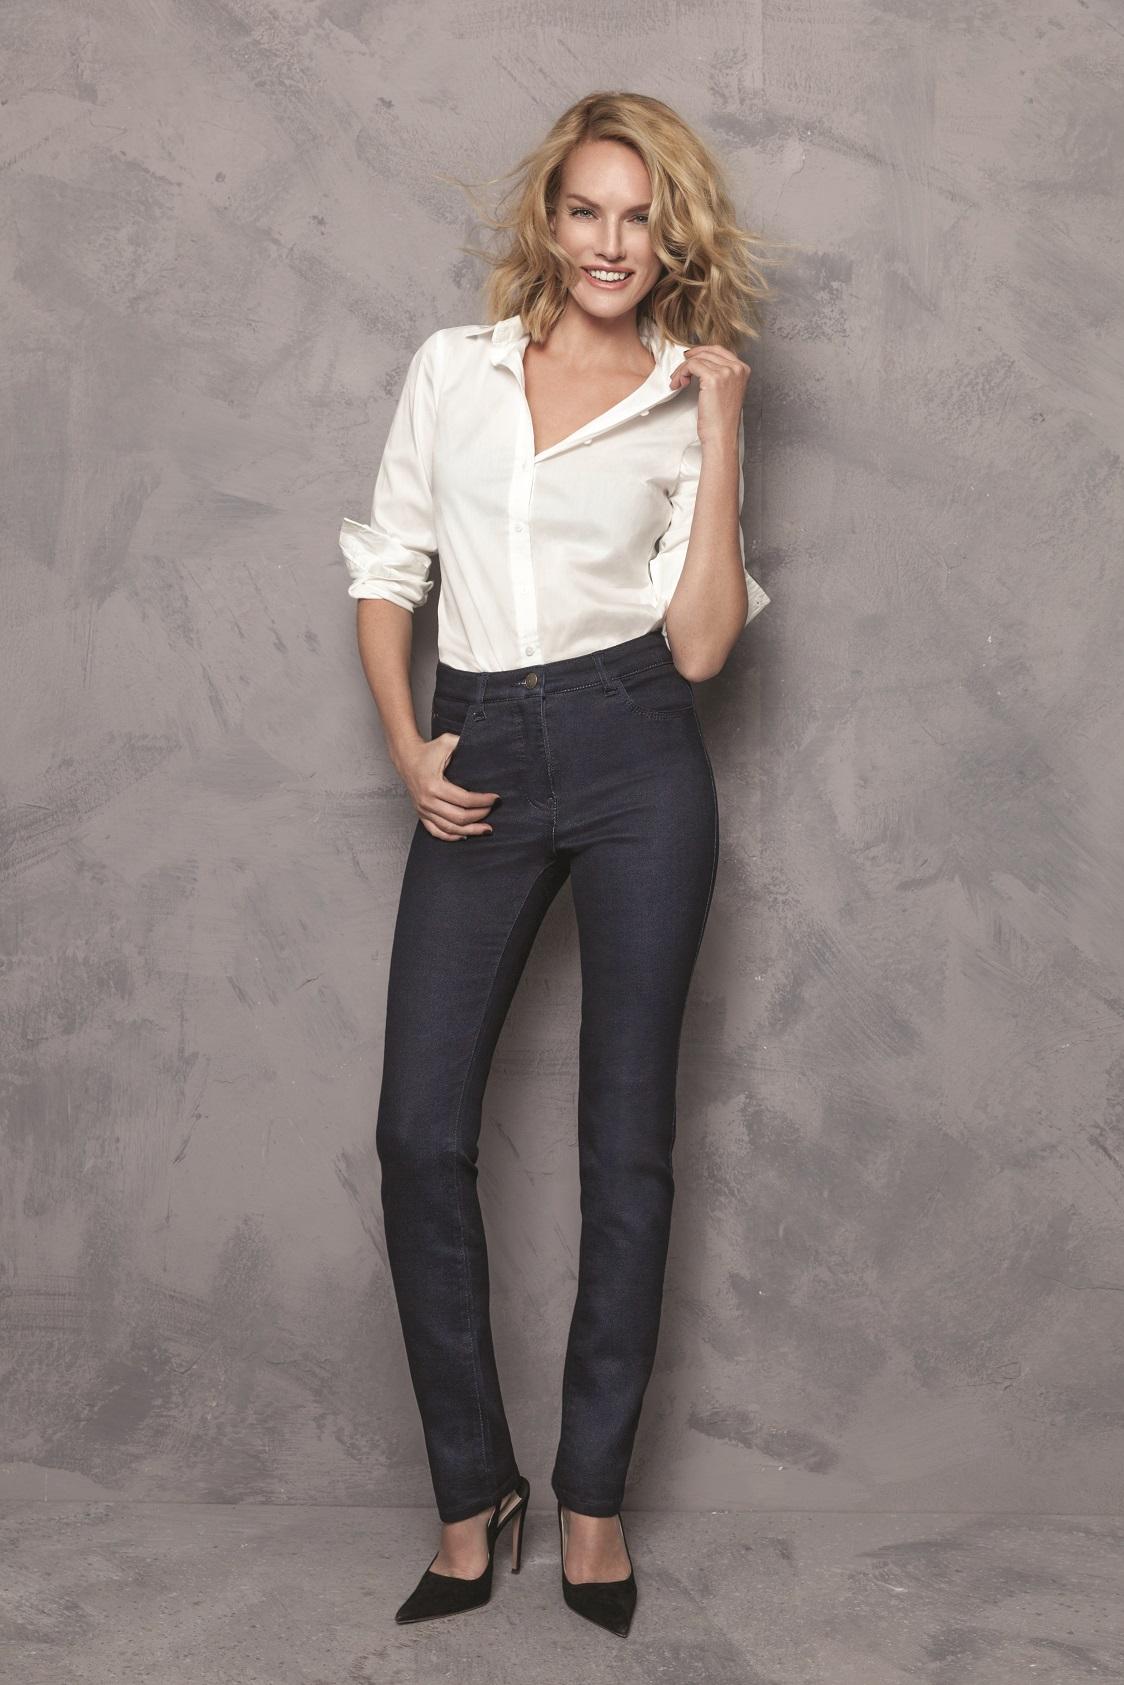 Топ продаж в Crazy Line – джинсы, утягивающие и моделирующие фигуру